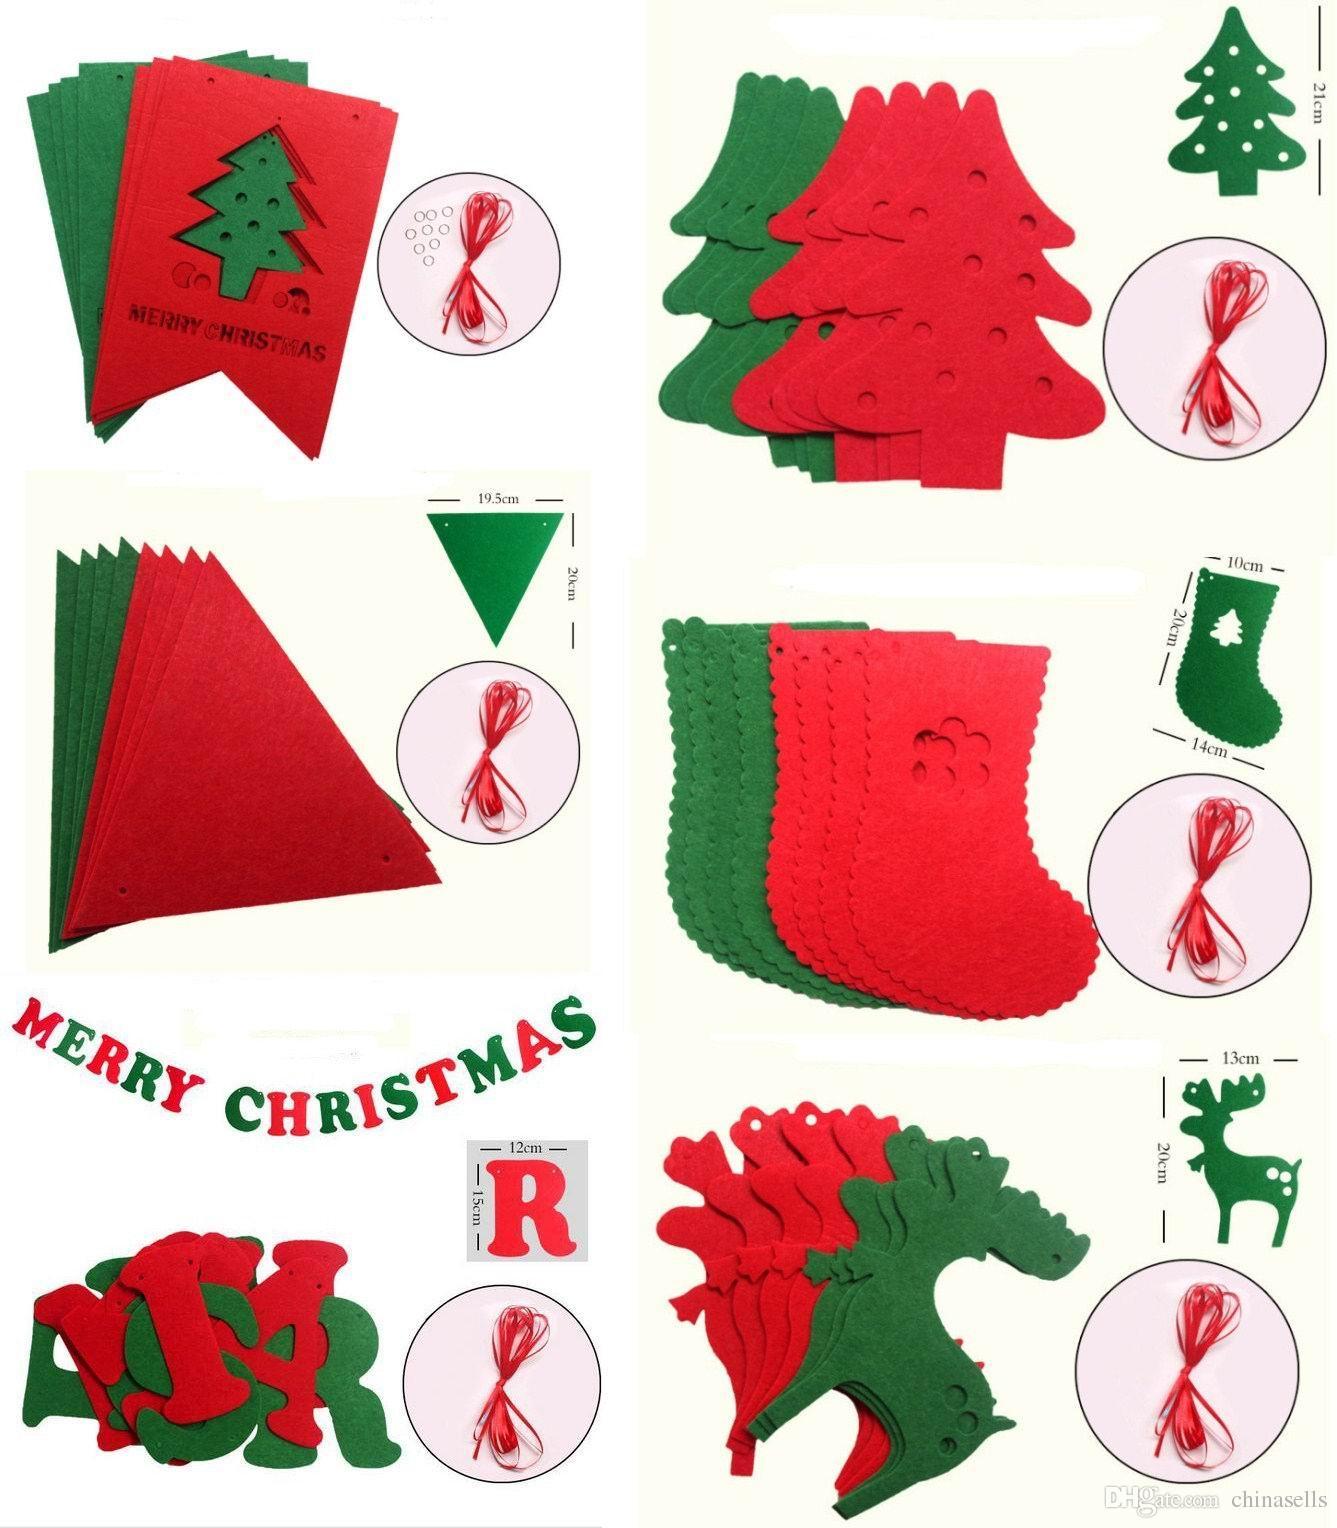 Рождественские елочные украшения повесить пиво носок снеговик баннеры рынок окна торговый центр Рождественская вечеринка DIY украшения 3 м тянуть цветы